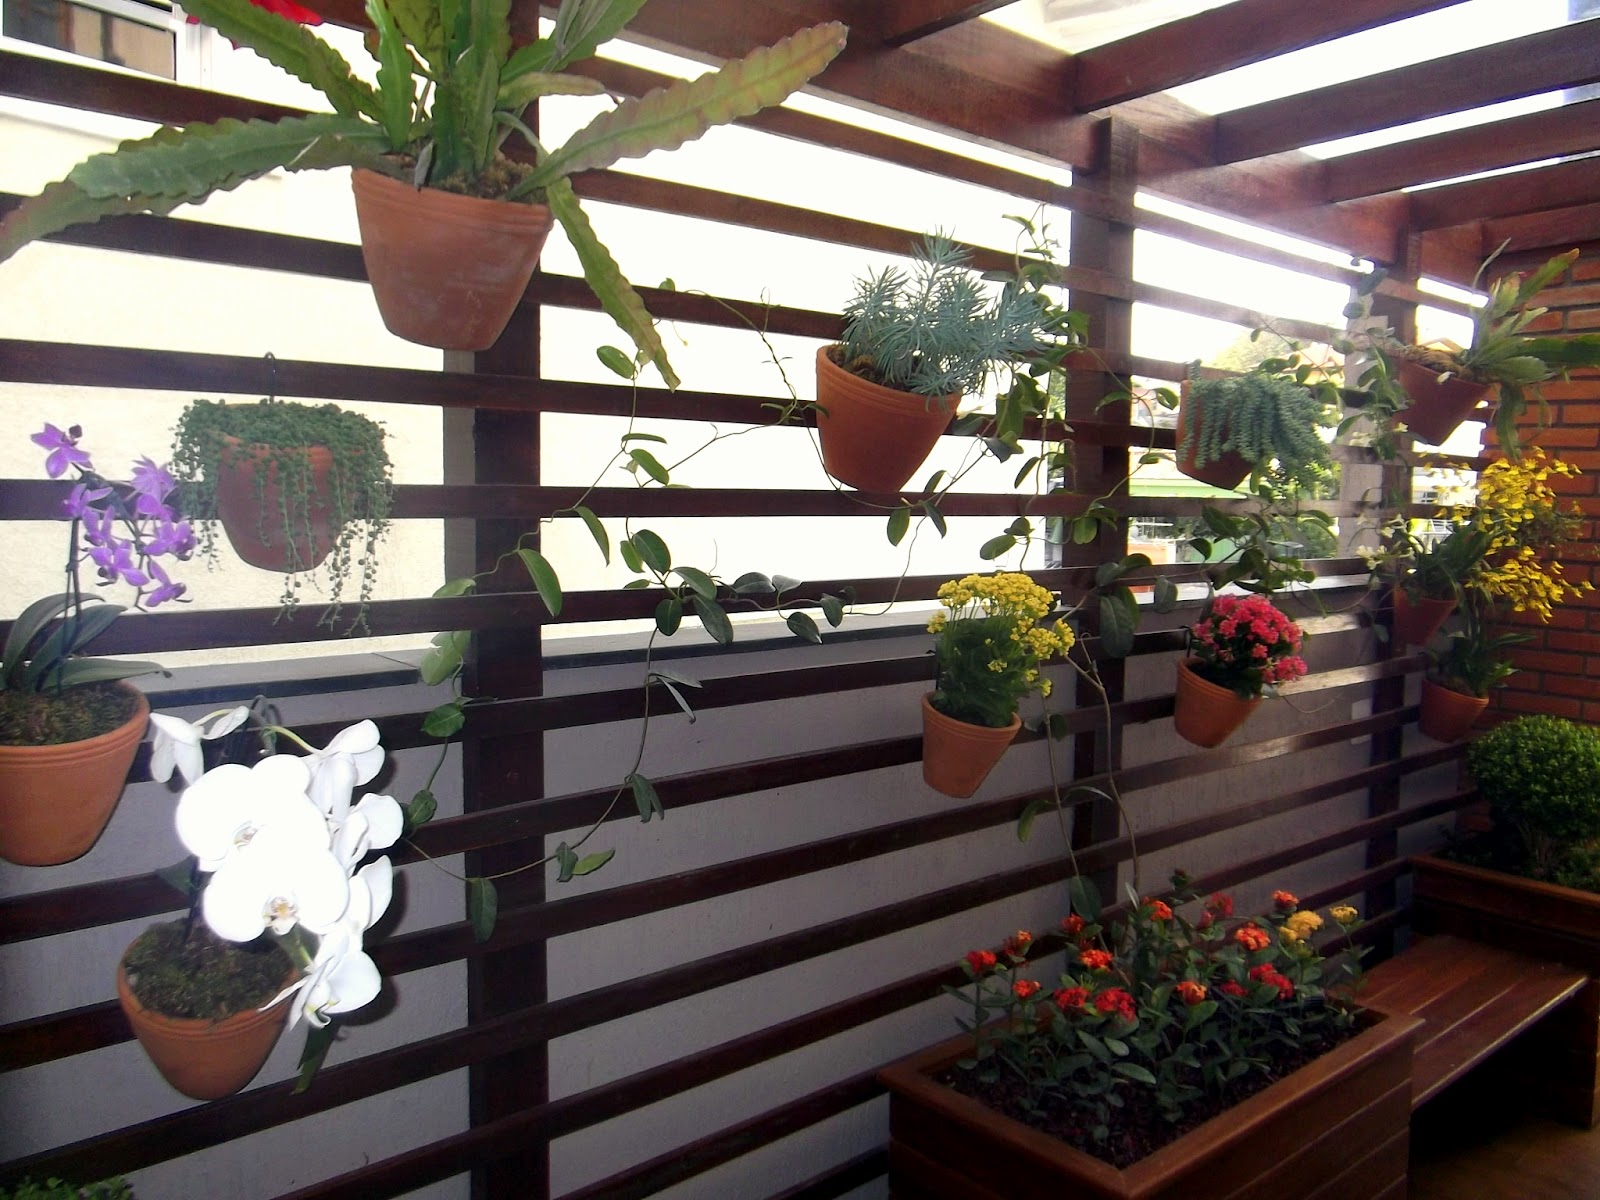 #837D48 Floreiras e bancos em madeira Cumaru Aurea Picarelli. 1600x1200 px caixas de madeira para orquideas @ bernauer.info Móveis Antigos Novos E Usados Online